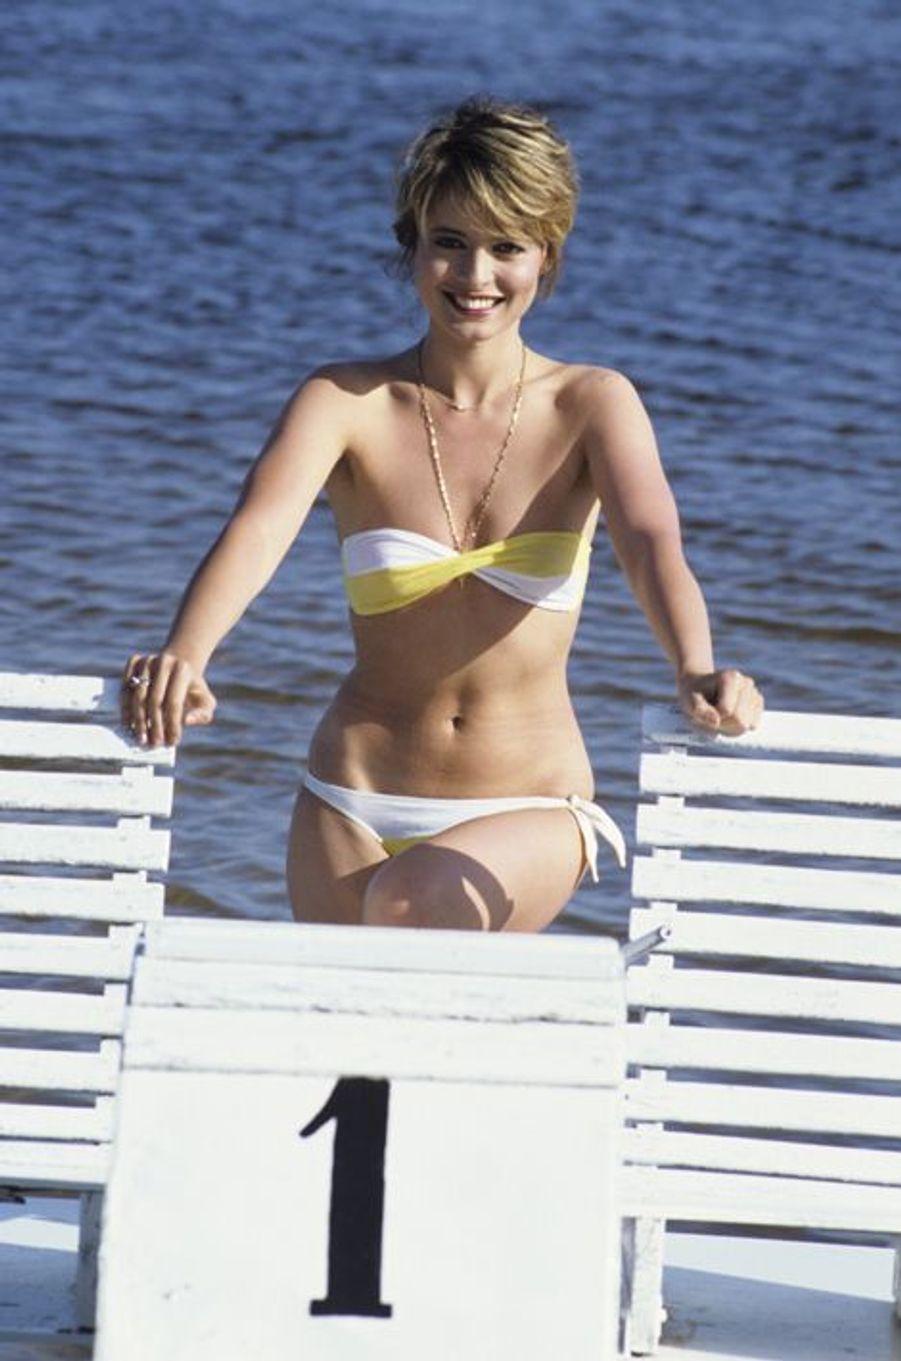 Élue Miss Bordeaux 1982, 1ere dauphine de Miss France puis désignée Miss France 1983, elle a aussi été sacrée 1ere dauphine de Miss Europe 1984.